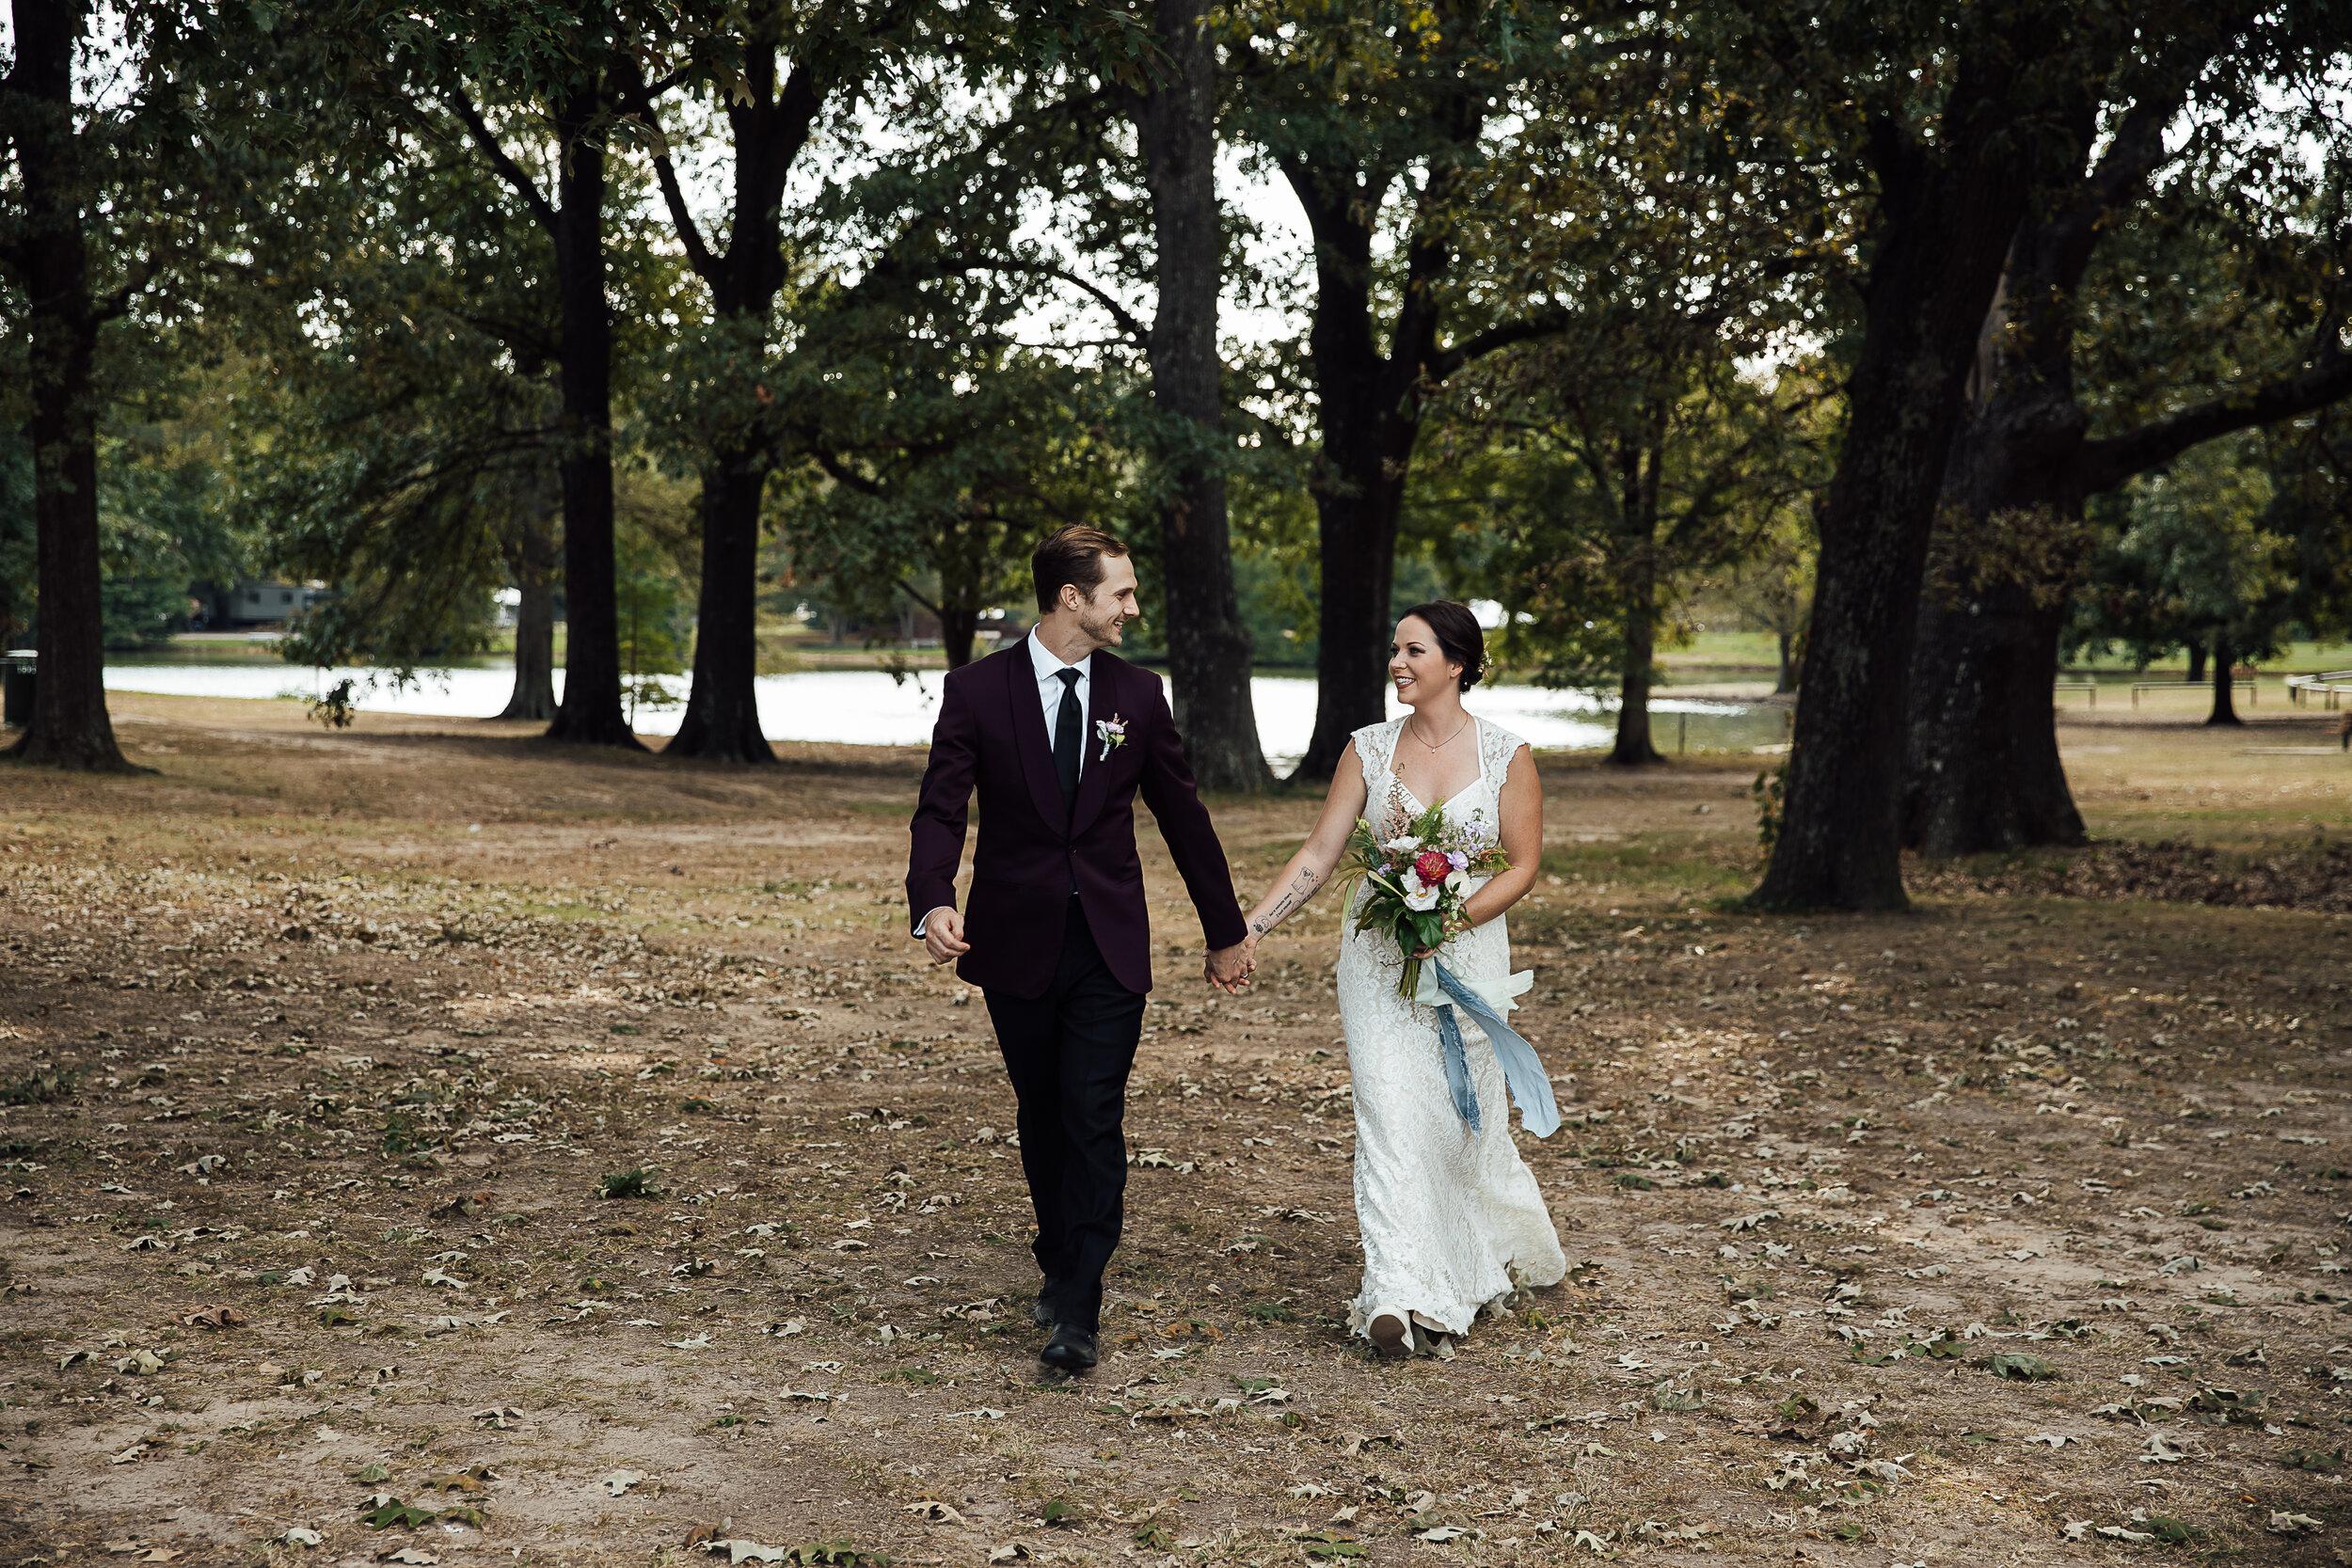 Allison-and-Wesley-Memphis-Backyard-Wedding-TheWarmthAroundYou-21.jpg